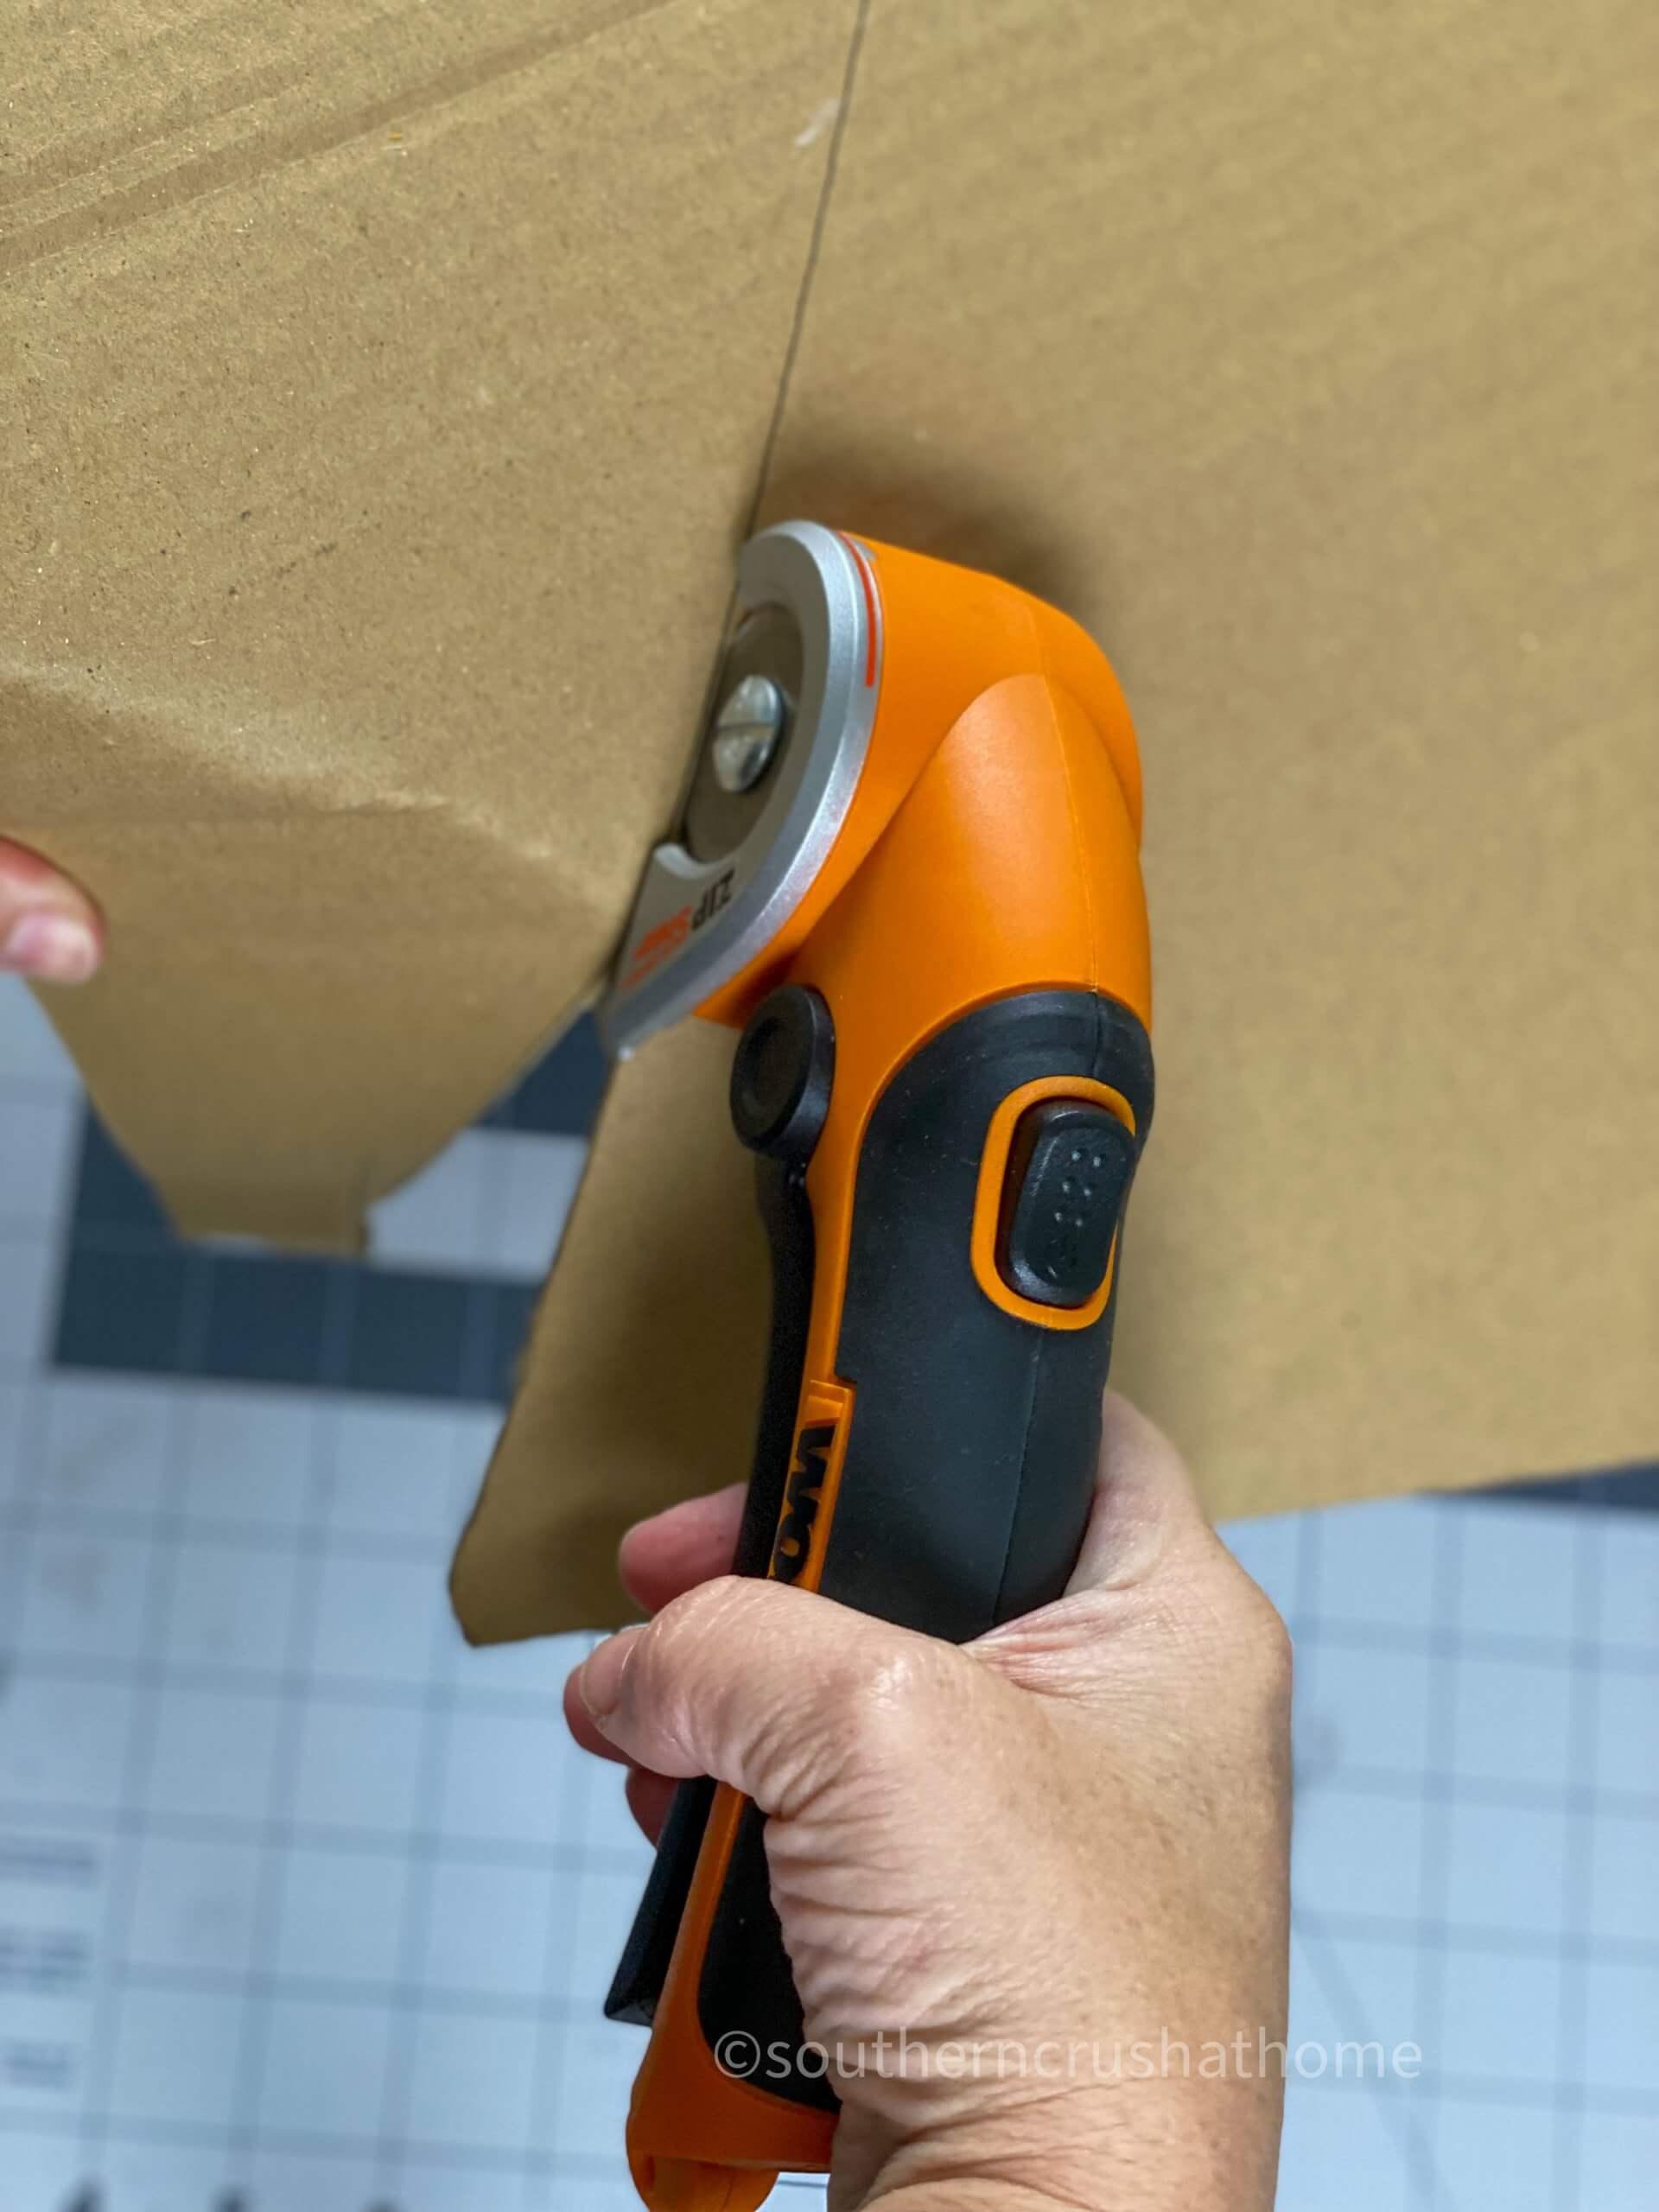 cardboard cutter